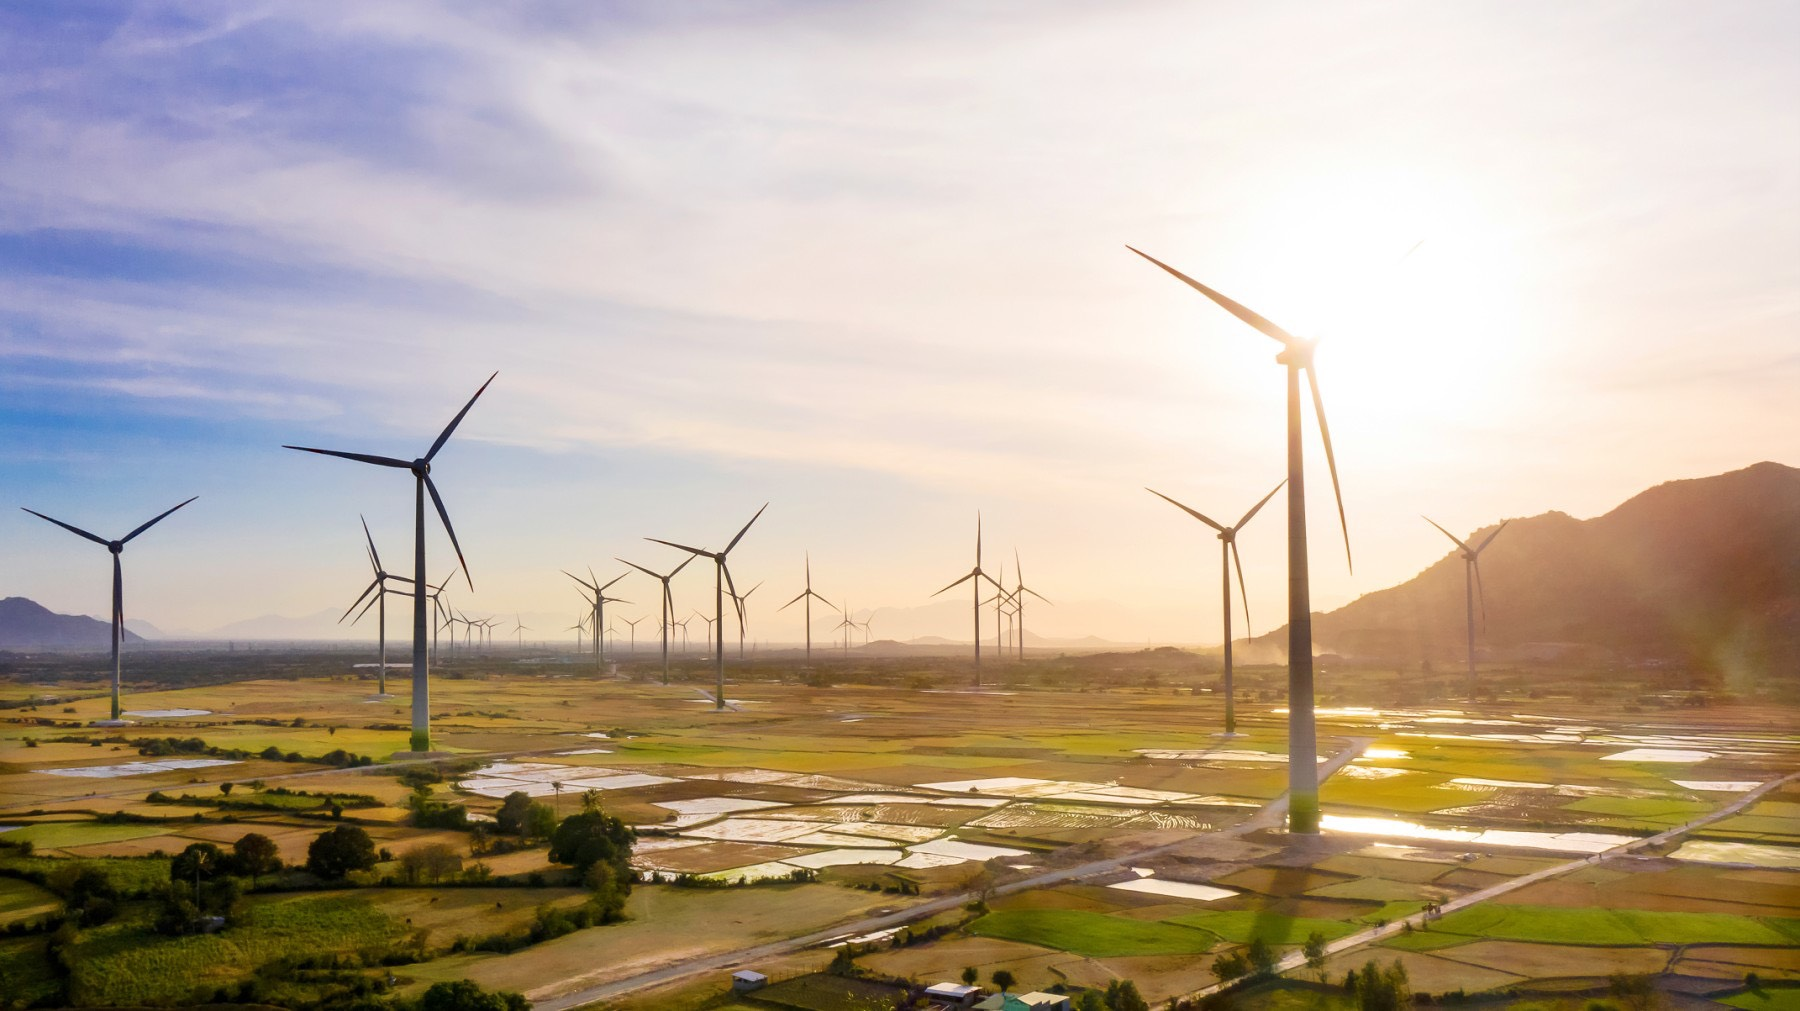 Quy hoạch điện VIII: Khắc phục mất cân đối nguồn điện, cung cấp đủ điện cho nền kinh tế đến năm 2045 - ảnh 1